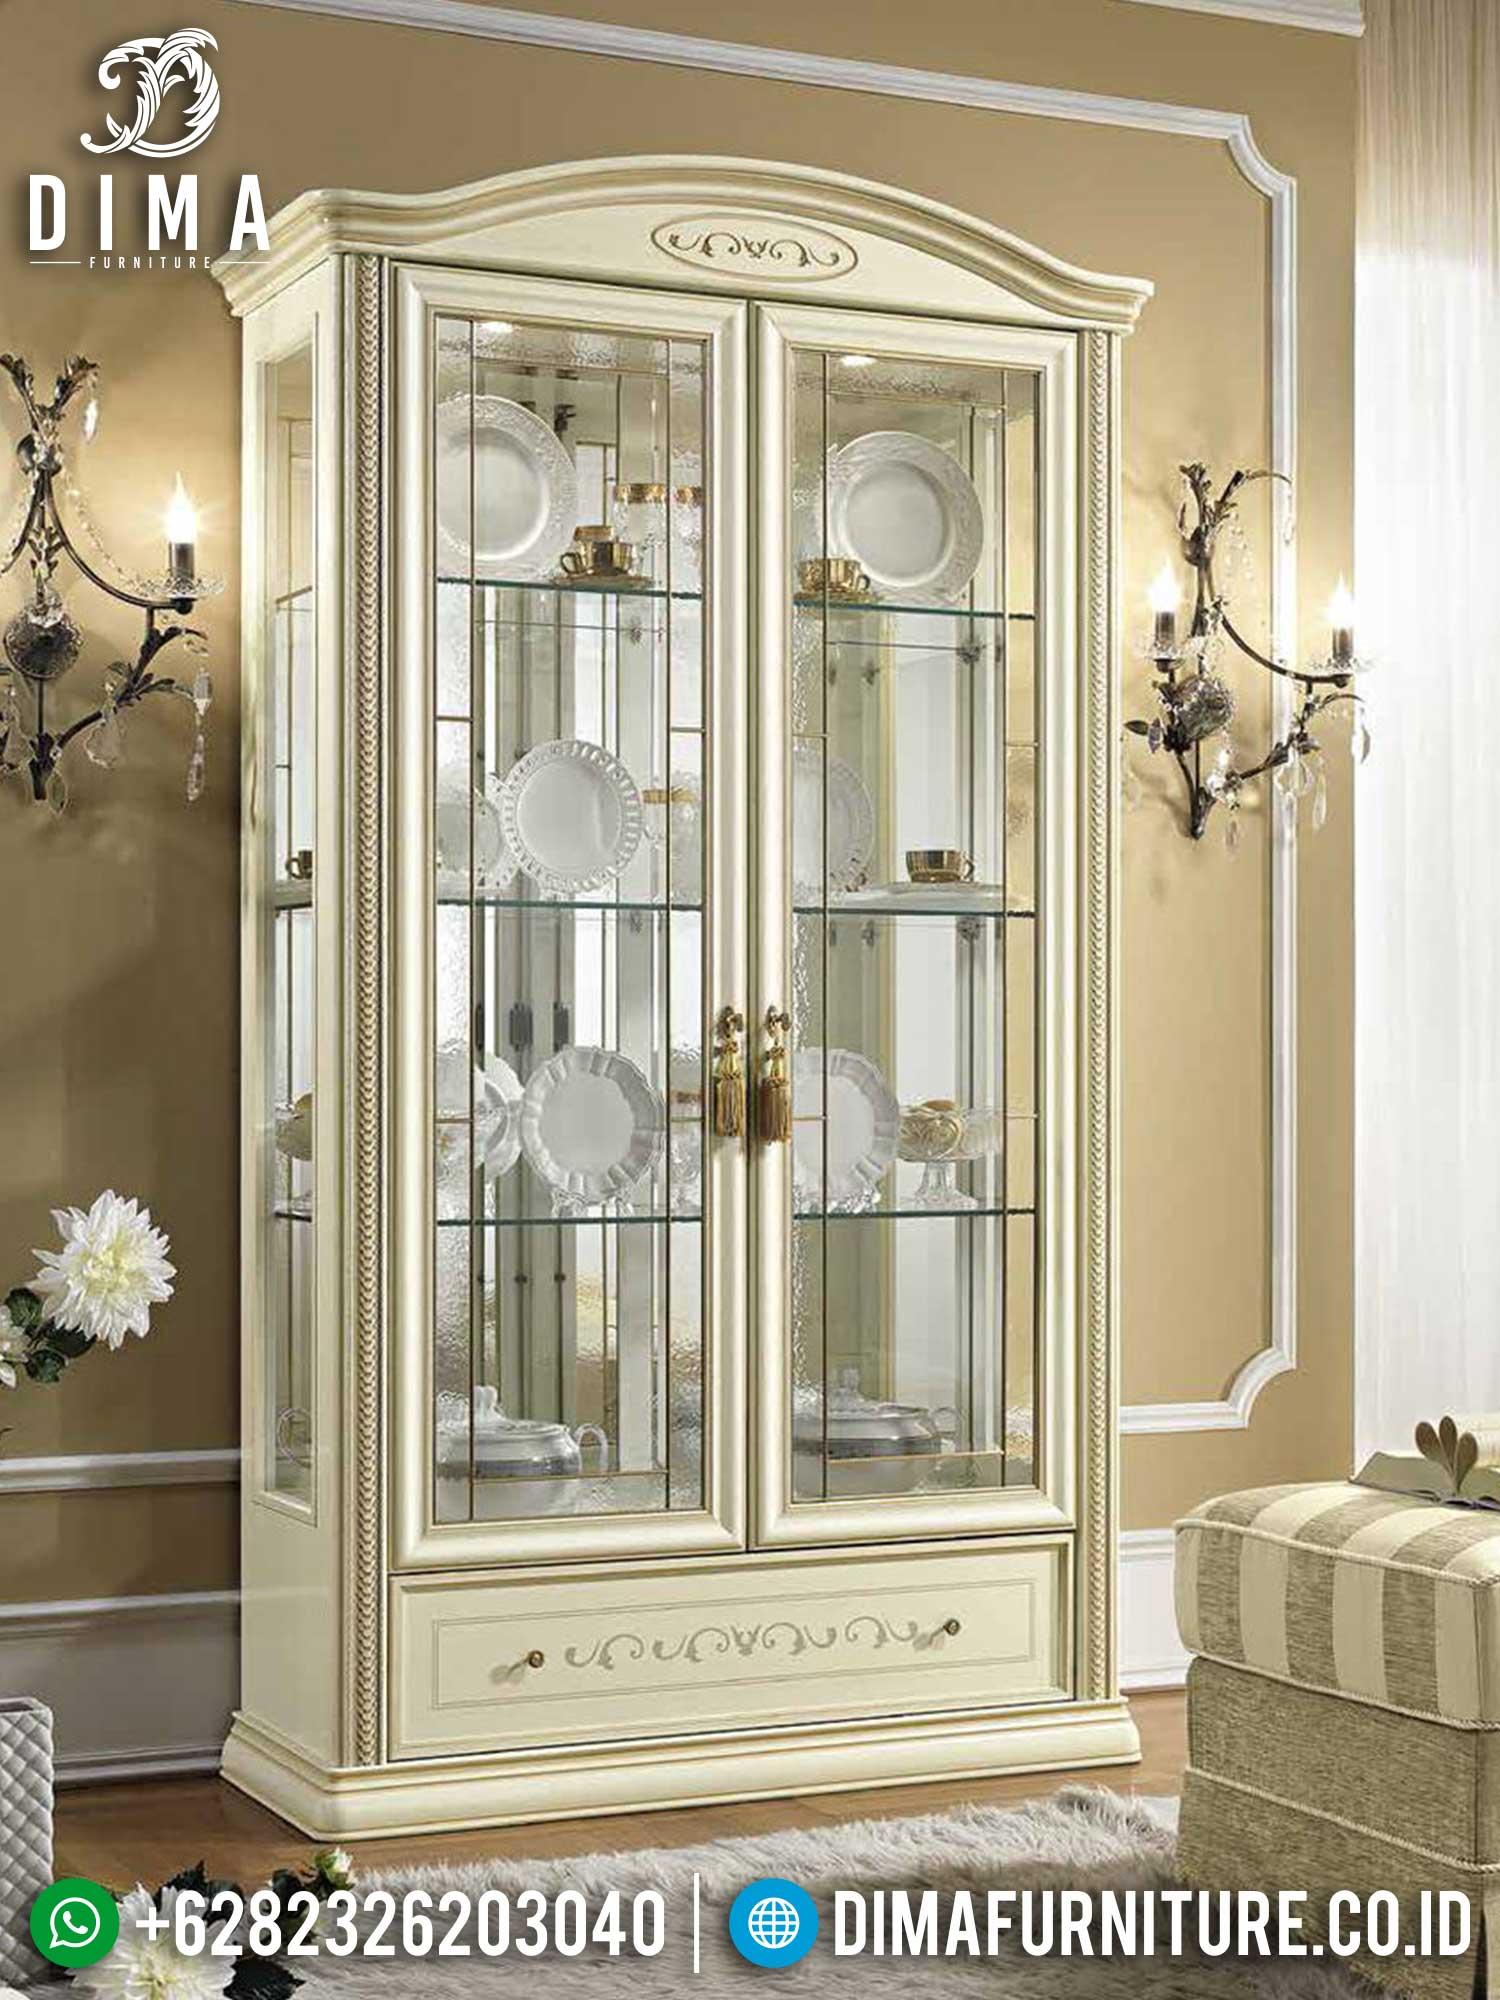 Classic Lemari Hias Kaca Mewah New Furniture Jepara Luxury Terbaru TTJ-1453